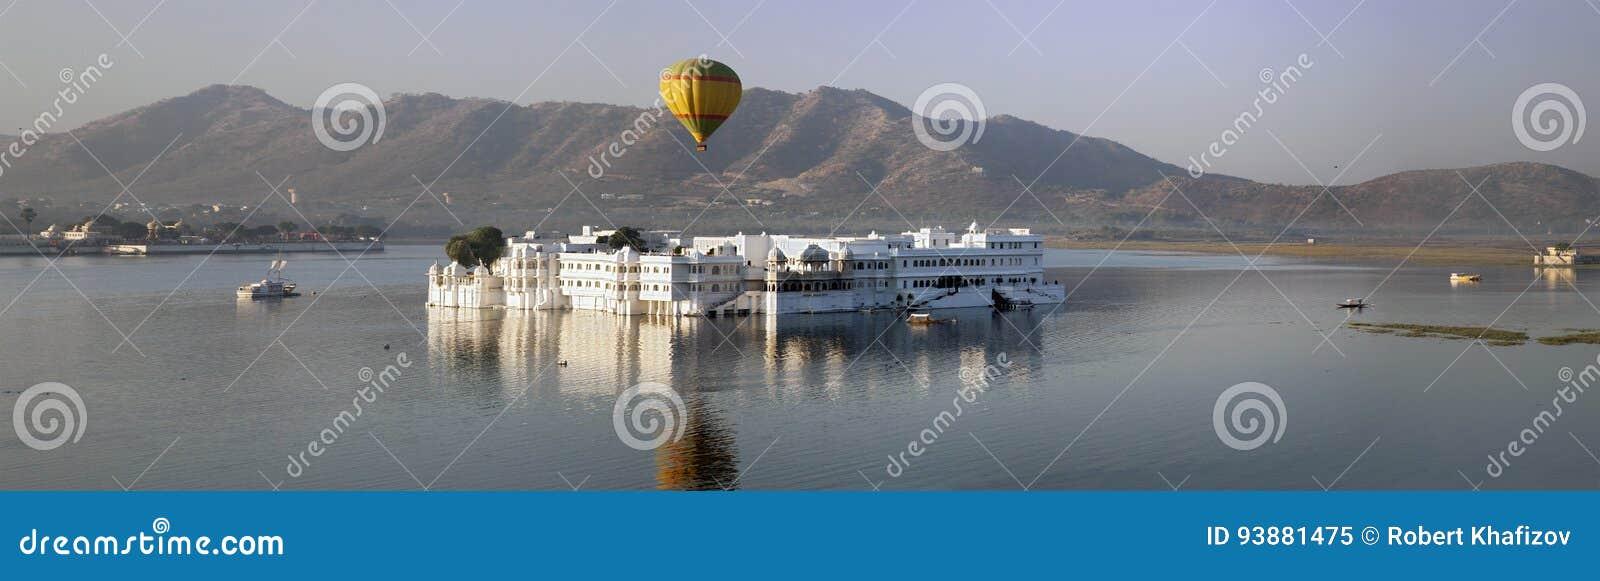 Panorama do palácio Jal Mahal Water Palace, Jaipur, Índia